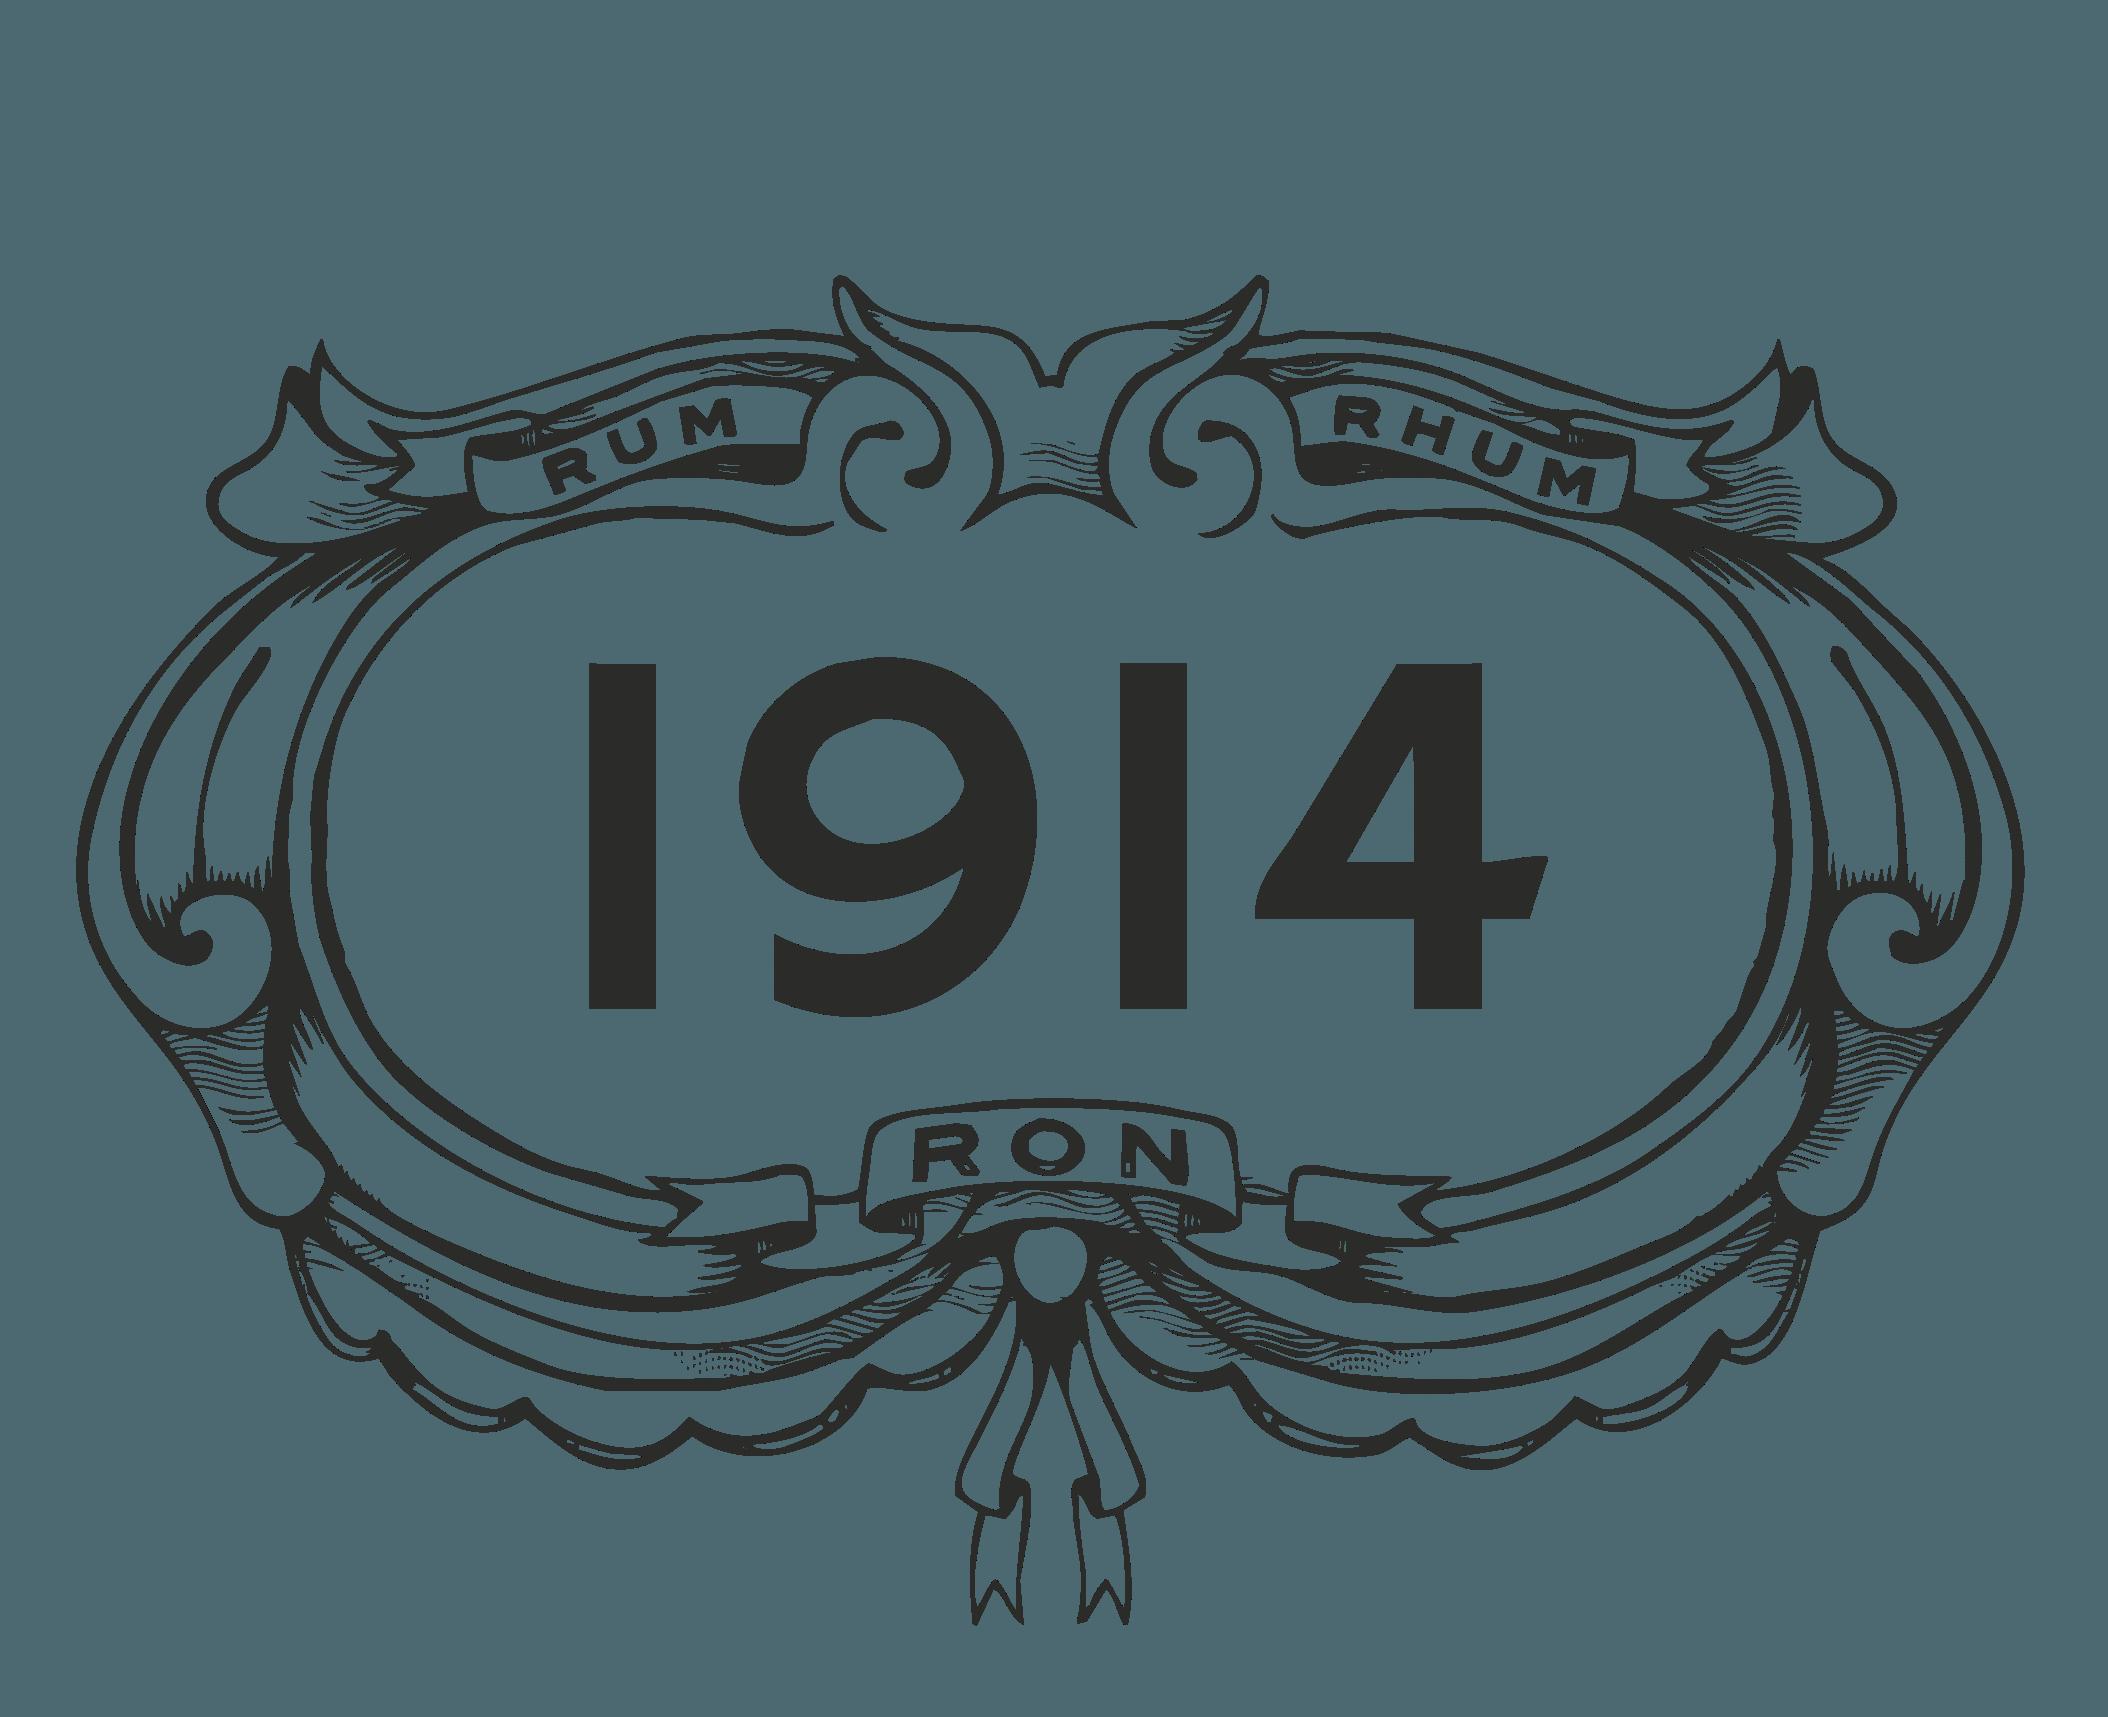 Ron 1914 Panama – 100 oder 22 Jahre?